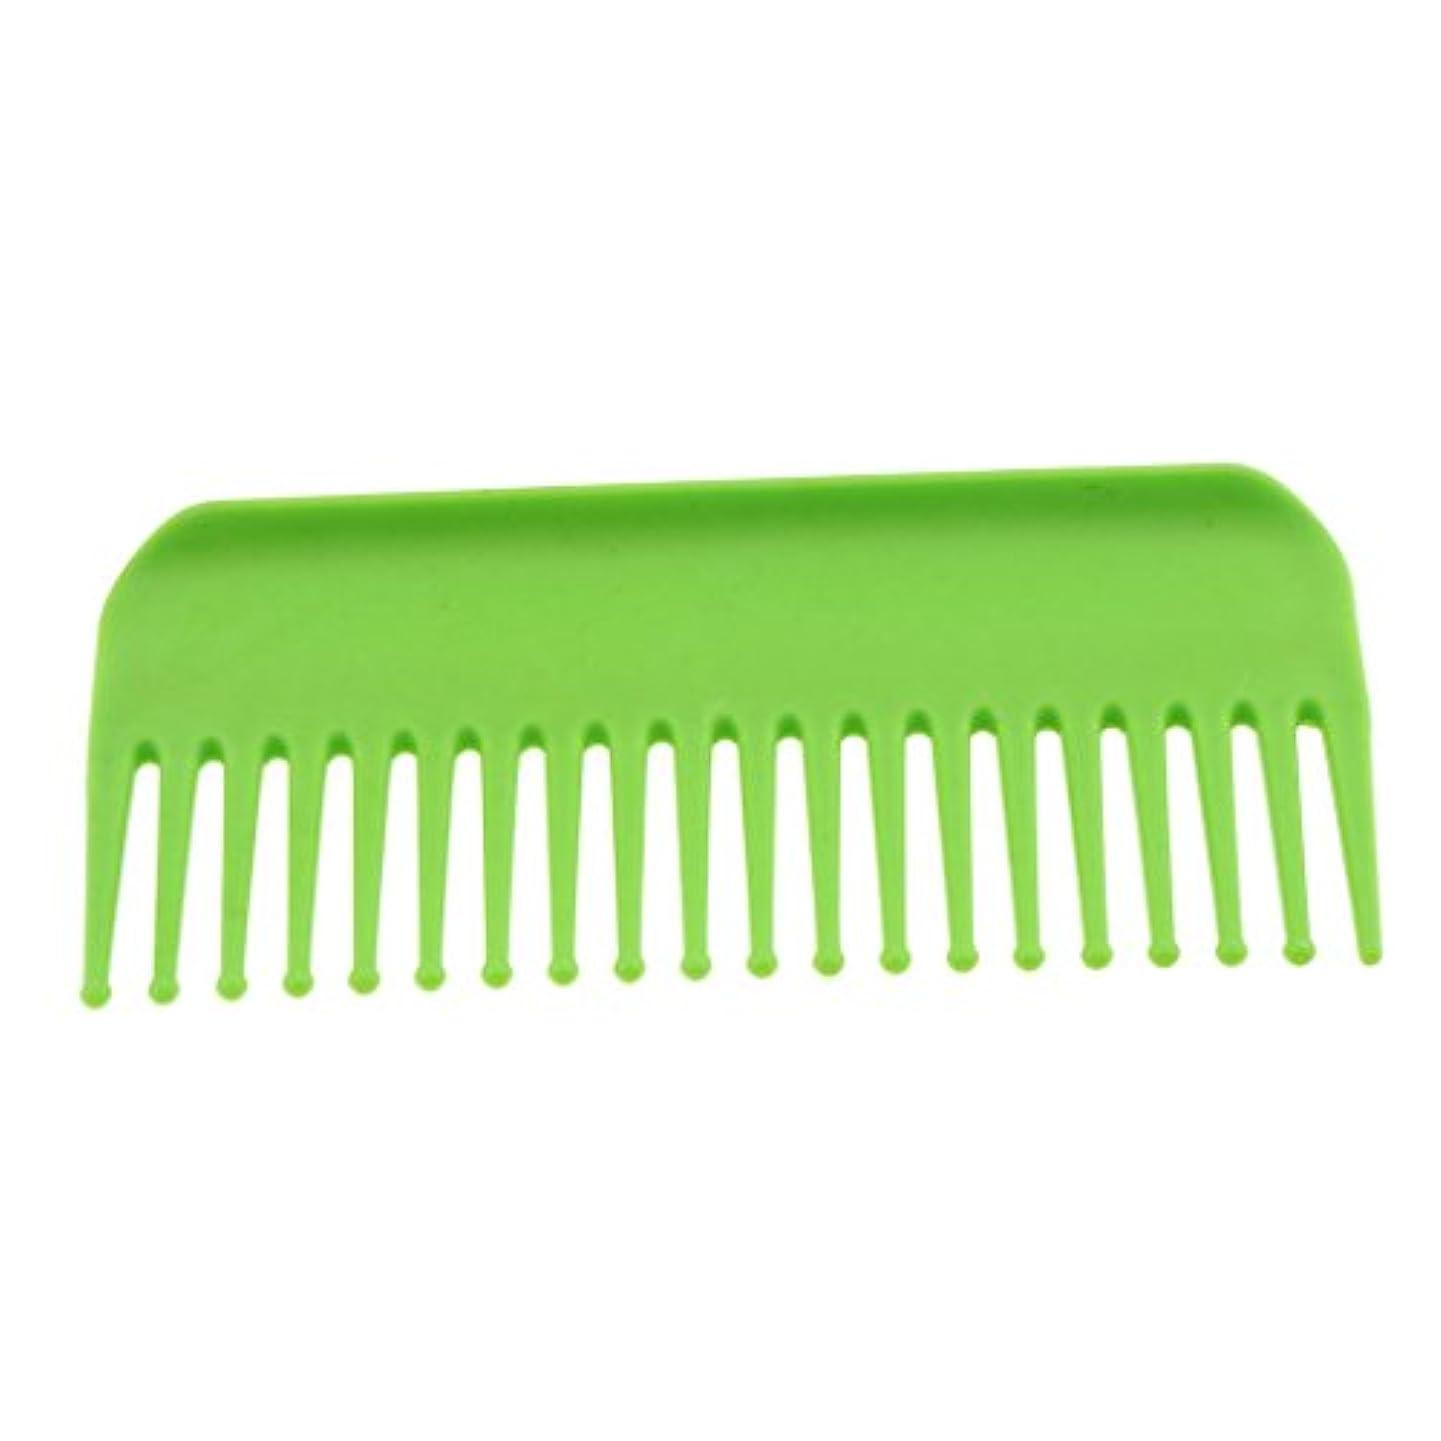 含意手荷物発揮するヘアコーム ヘアブラシ コーム 櫛 くし 頭皮 マッサージ 耐熱性 帯電防止 便利 サロン 自宅用 4色選べる - 緑